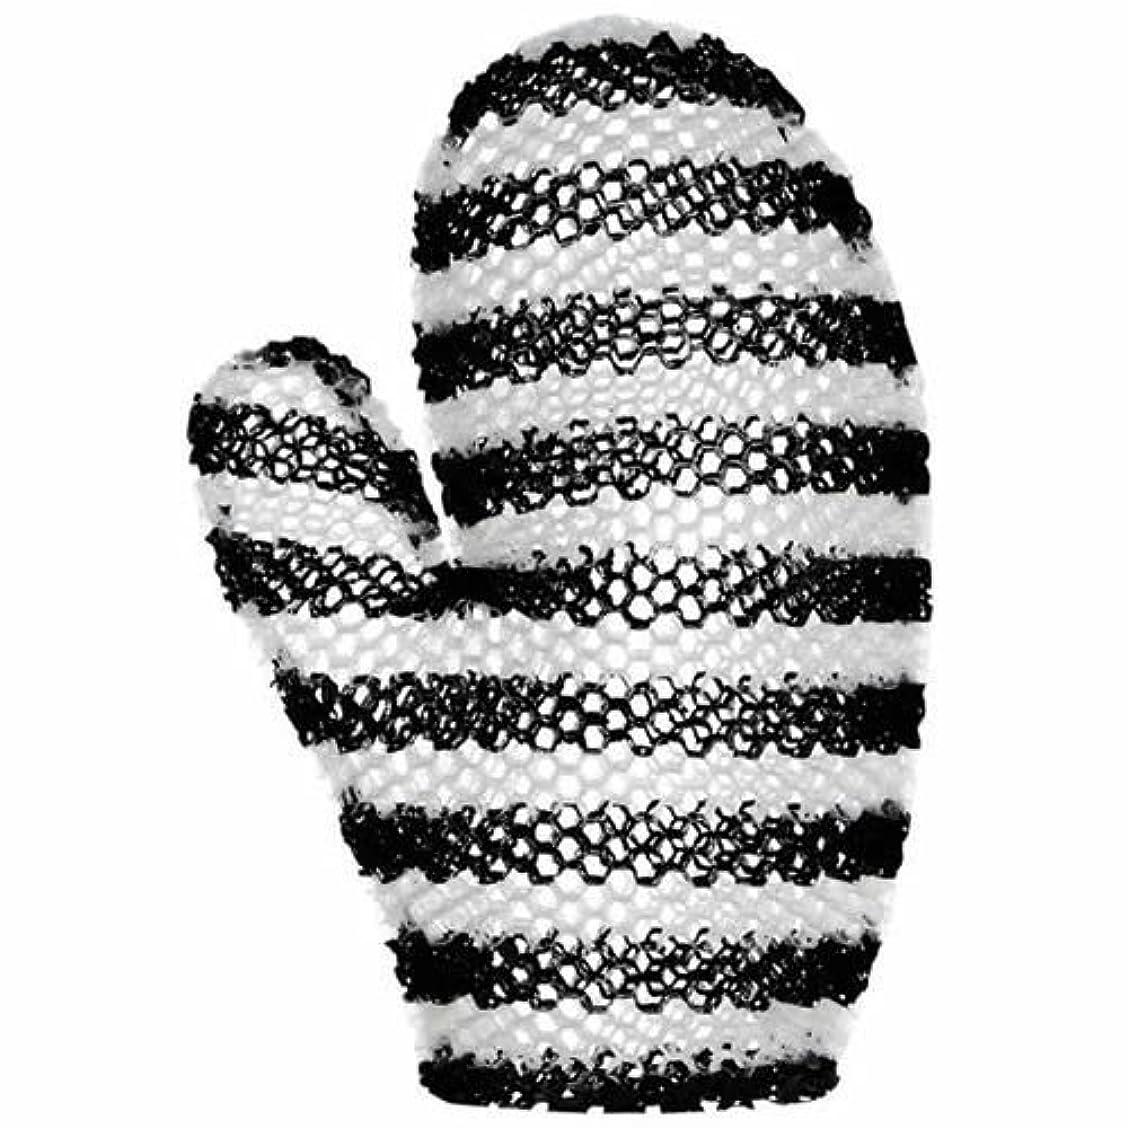 霧ビートバージンスプラコール ハニカム(ミット) ブラック&ホワイト